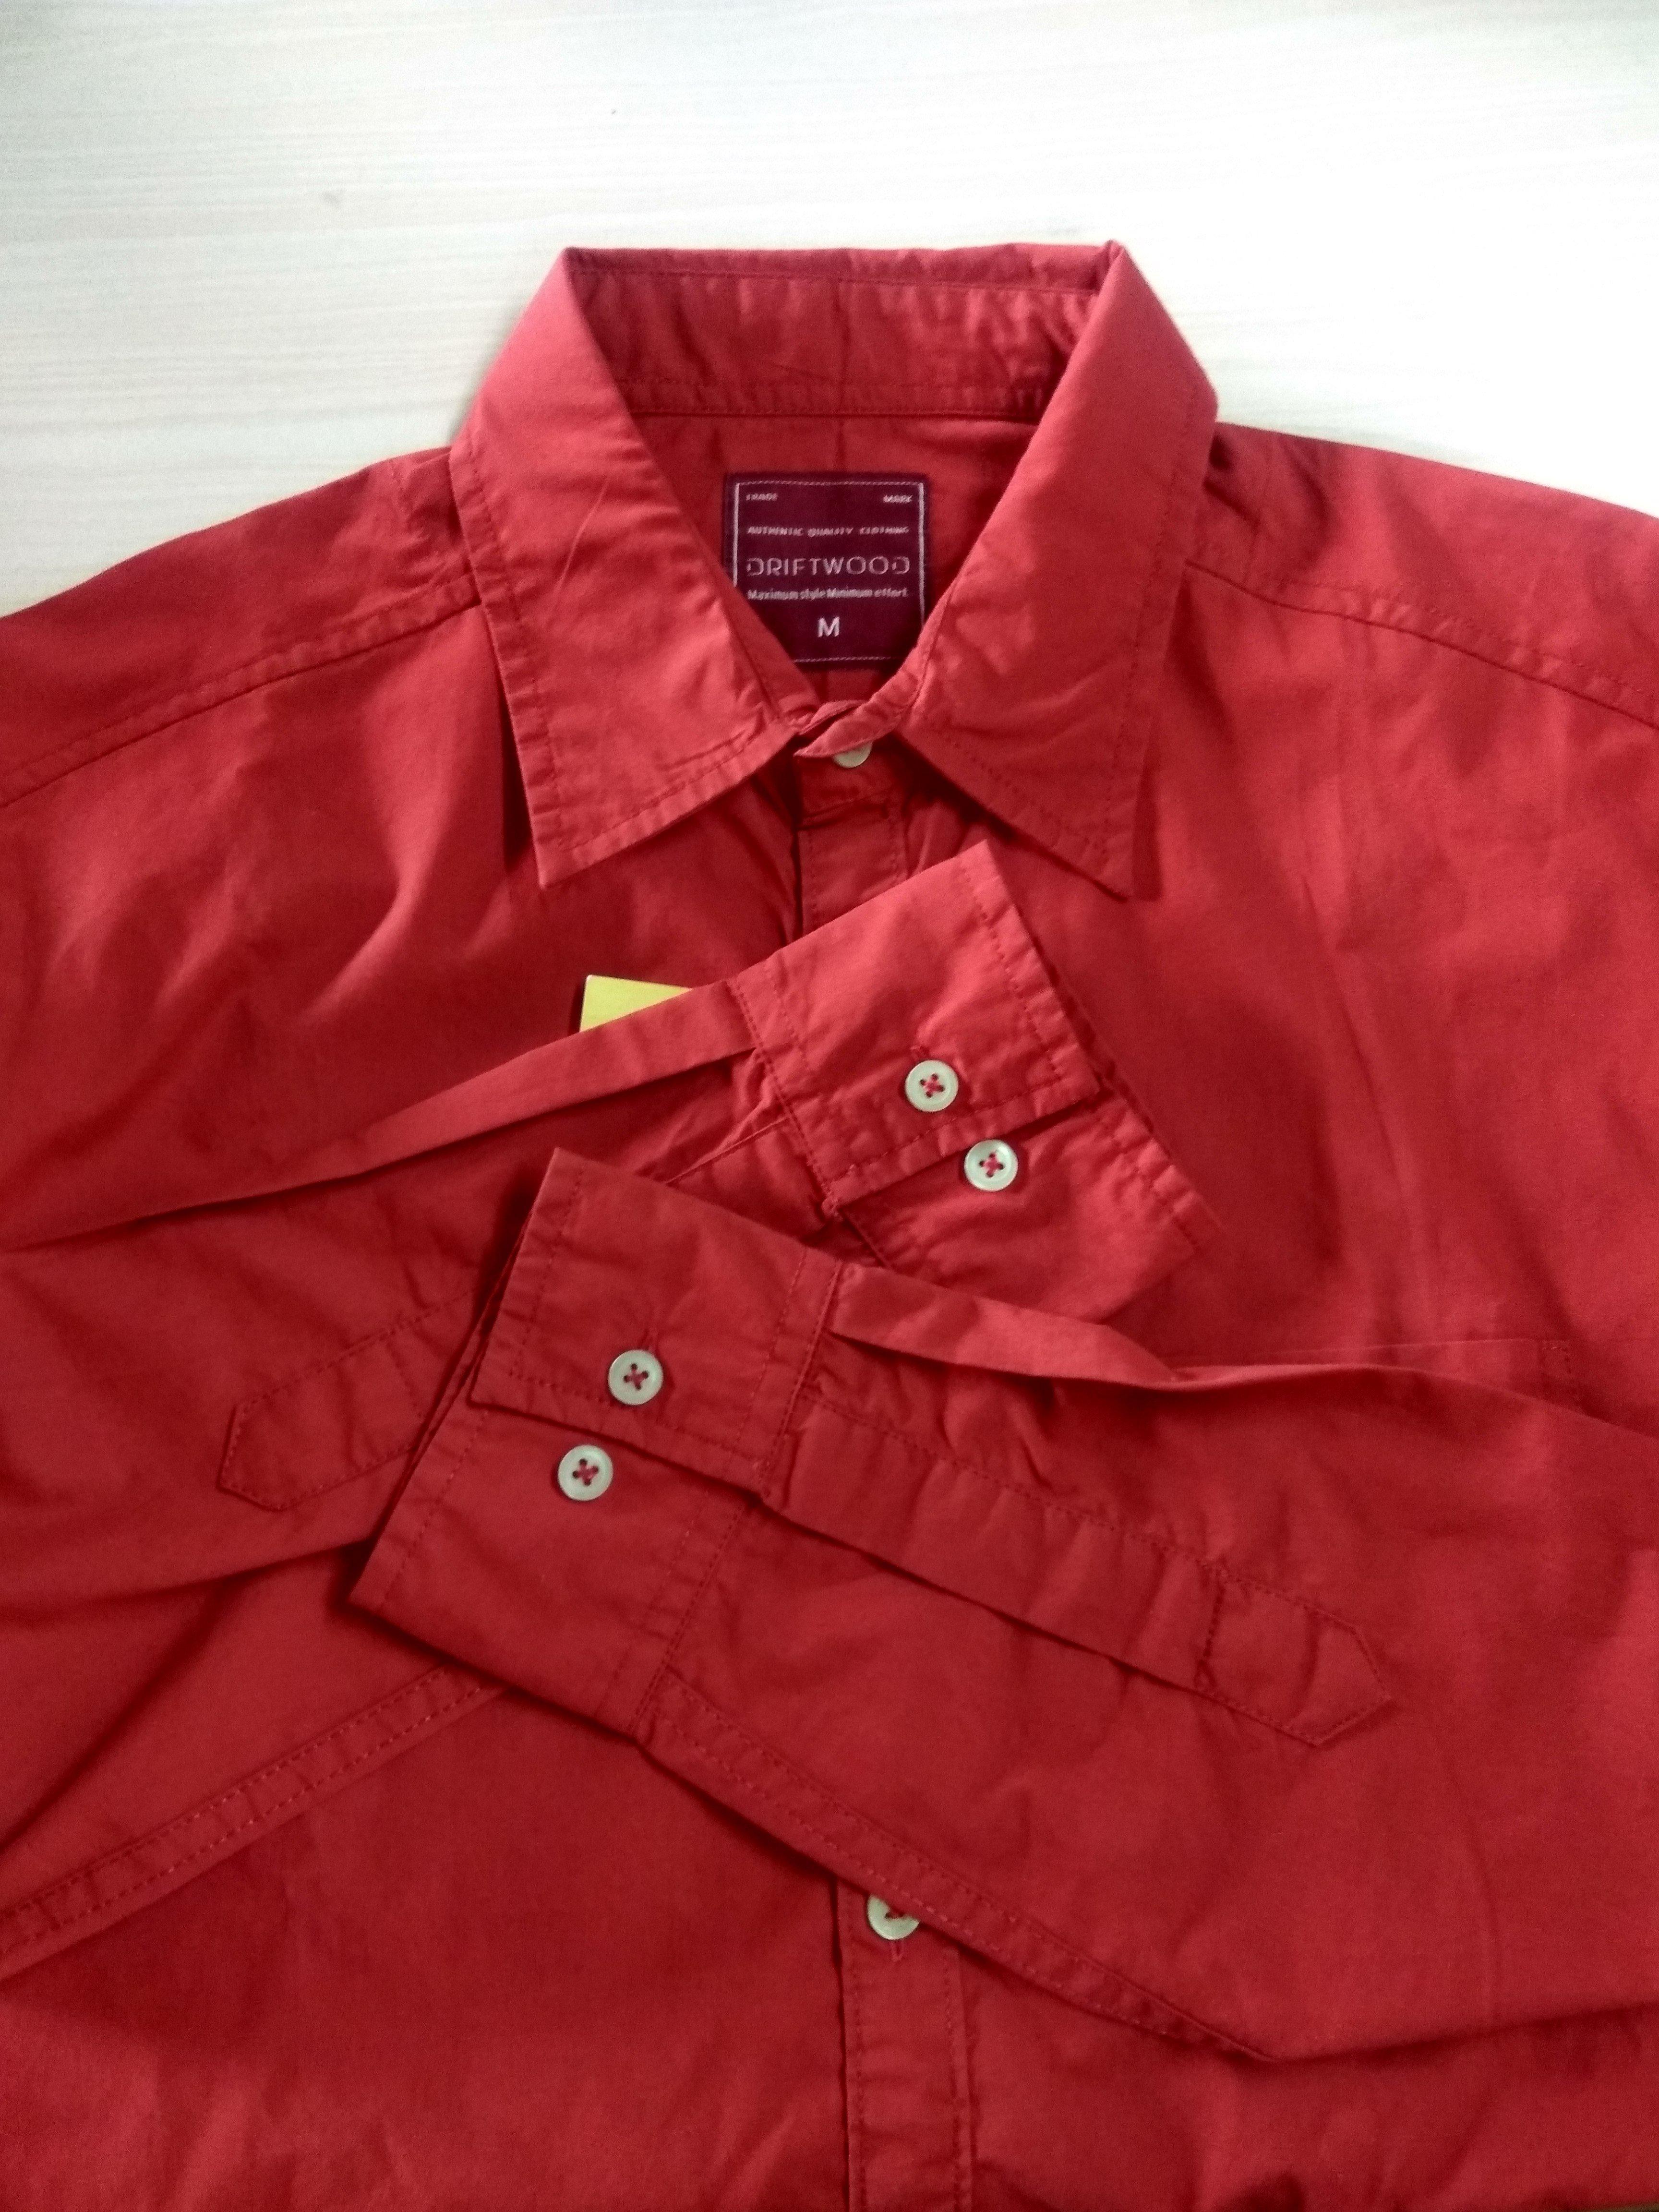 jal exports ehsan garments ltd